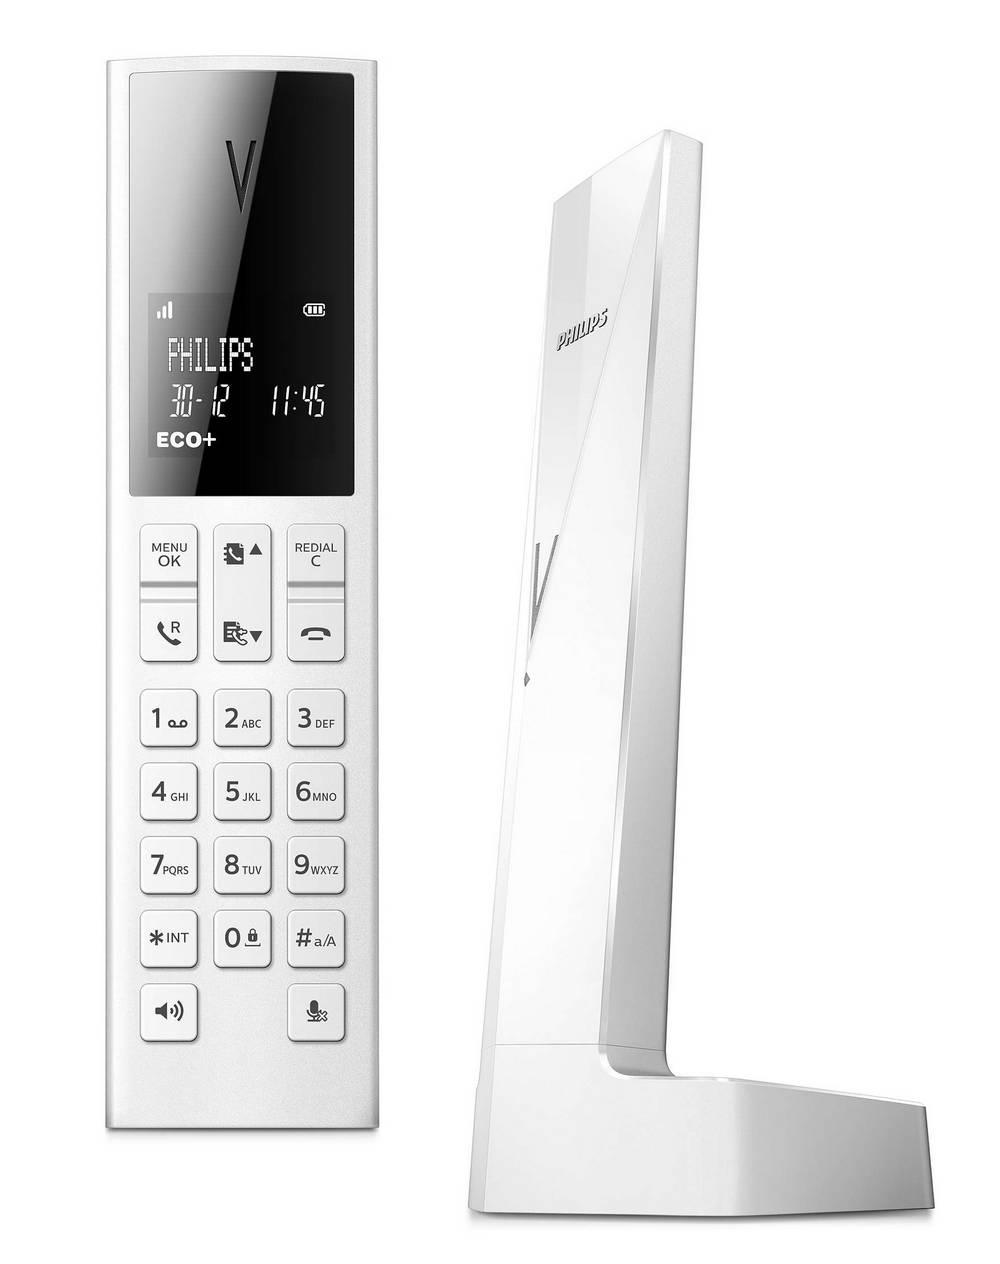 Ασύρματο Ψηφιακό Τηλέφωνο Philips Linea V M3501W/34 Λευκό με Λειτουργία ECO+